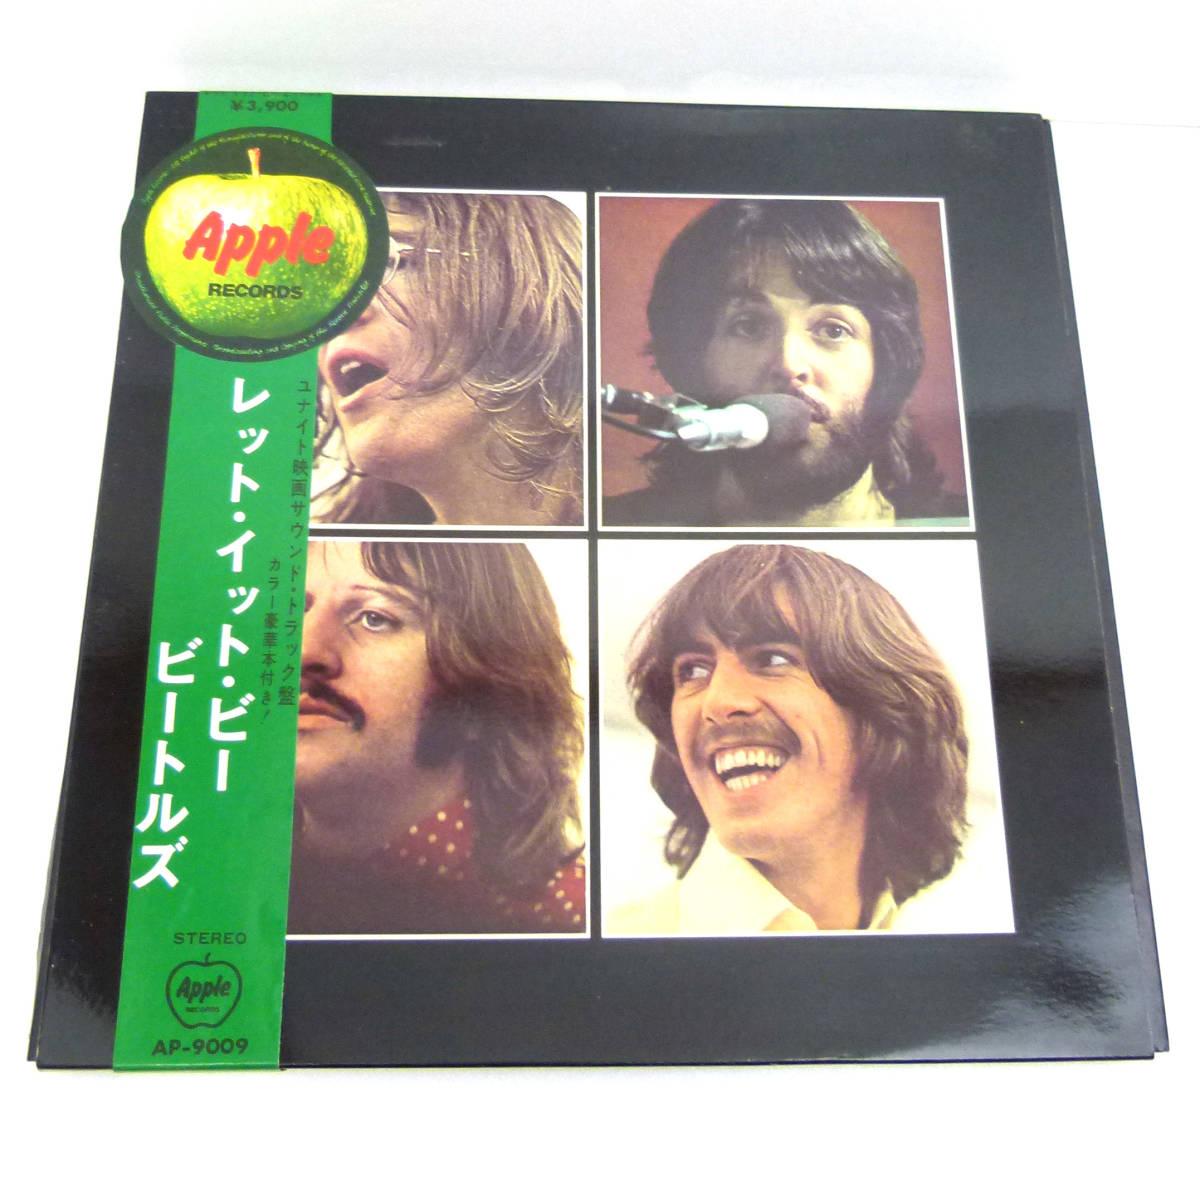 【オリジナル帯有りLP】BEATLESビートルズ☆LET IT BE ボックス (1970/AP-9009) 帯&本